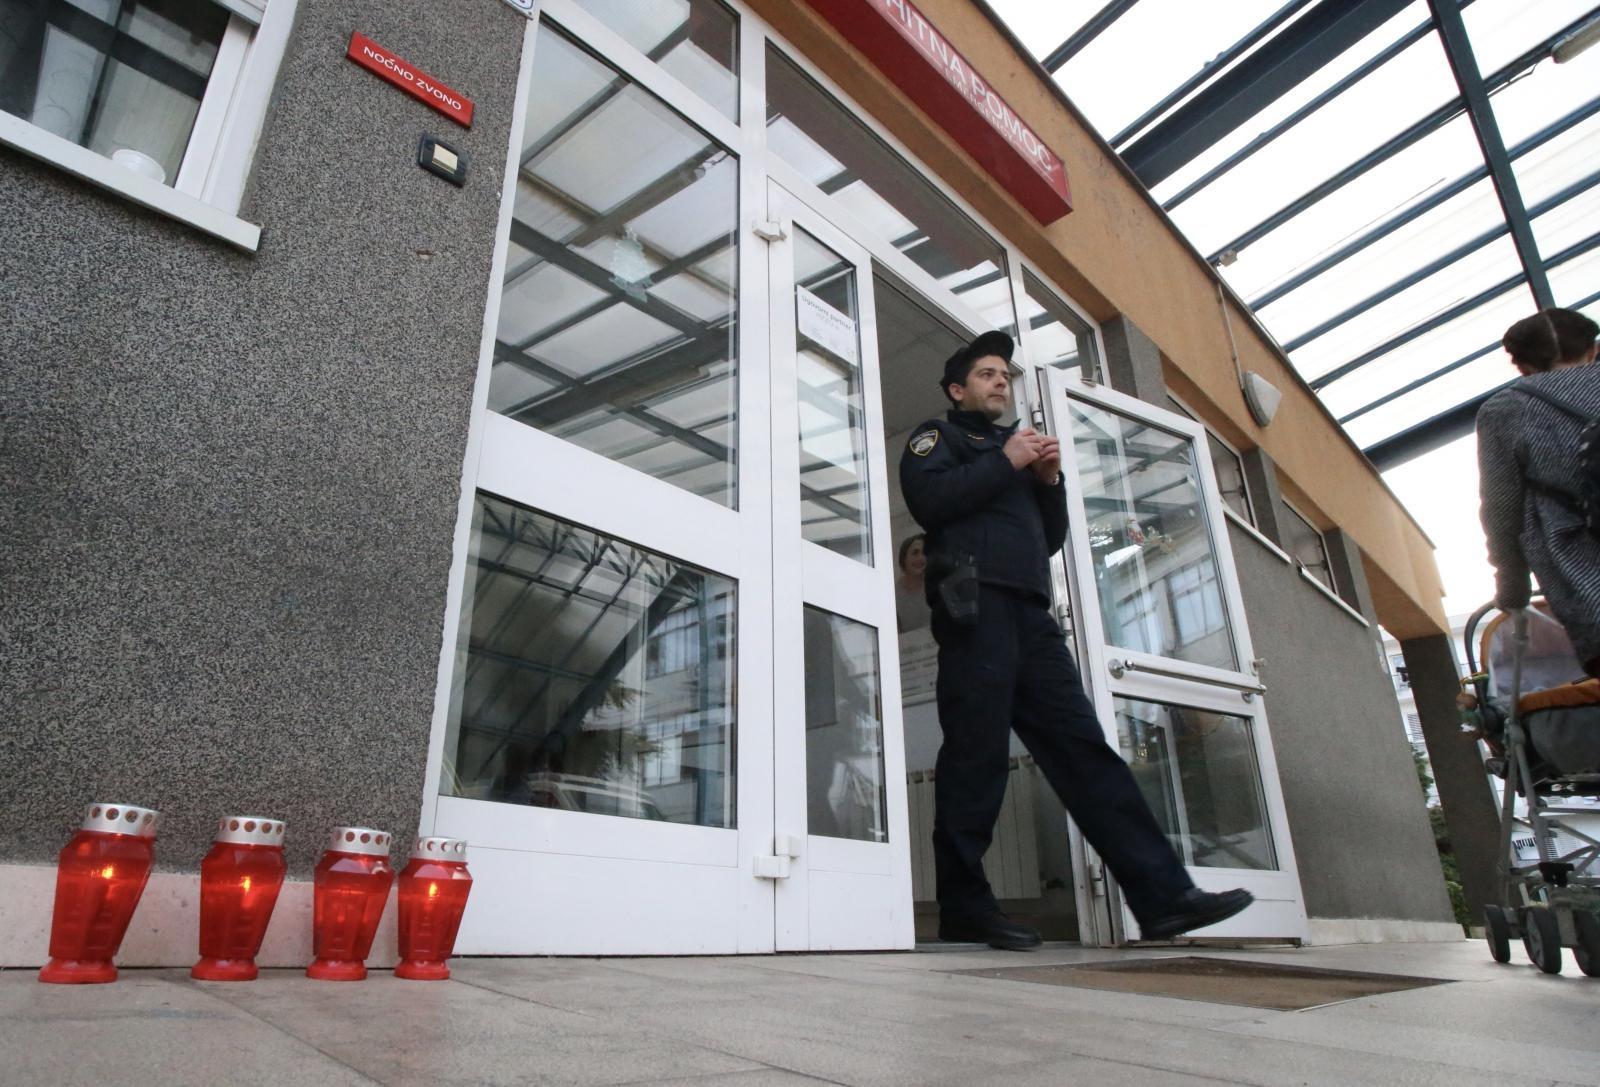 HLK 'Stručno mišljenje o smrti dječaka iz Metkovića je objektivno i nepristrano'